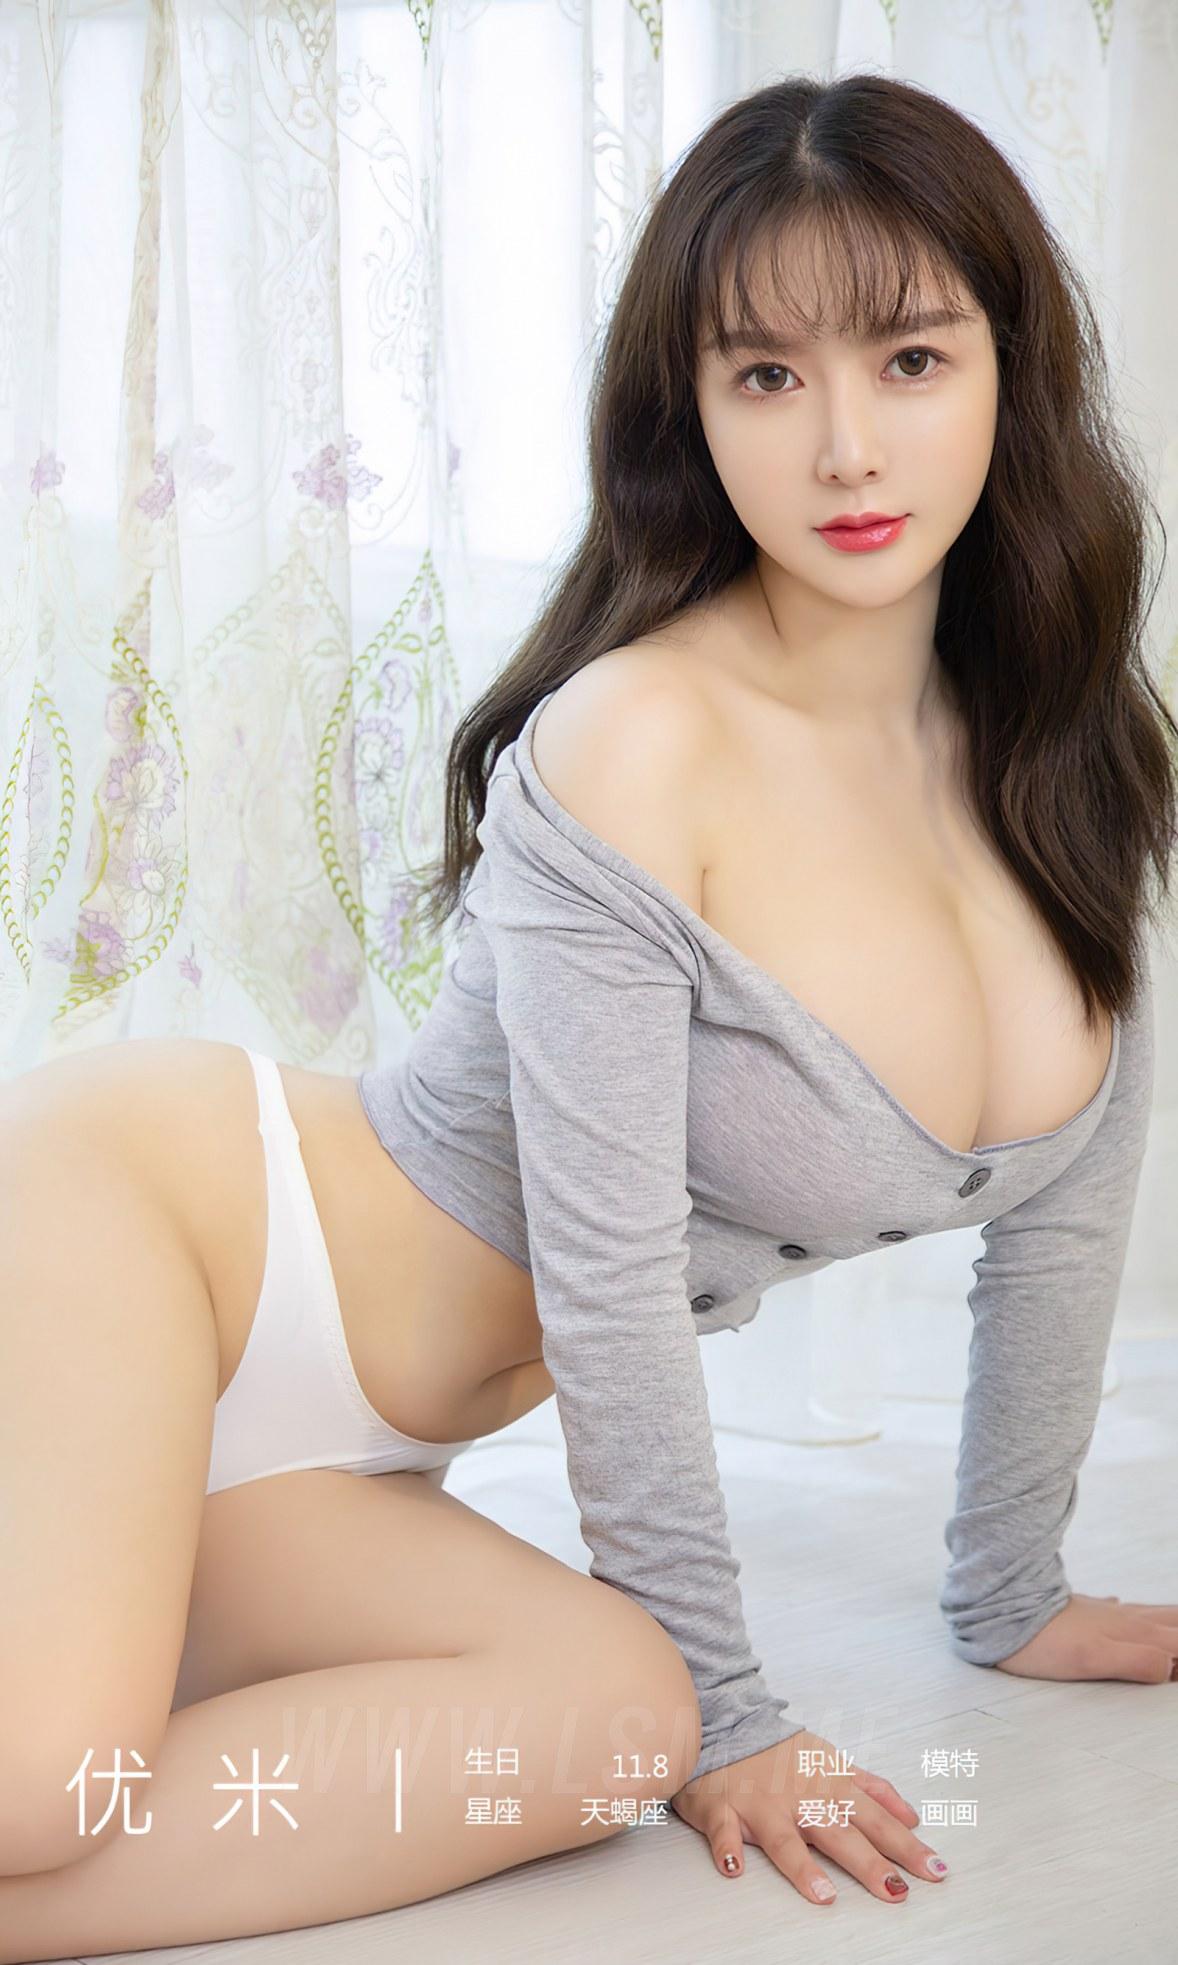 UGirls 爱尤物 No.2188  优米 甜妹计划 - 4